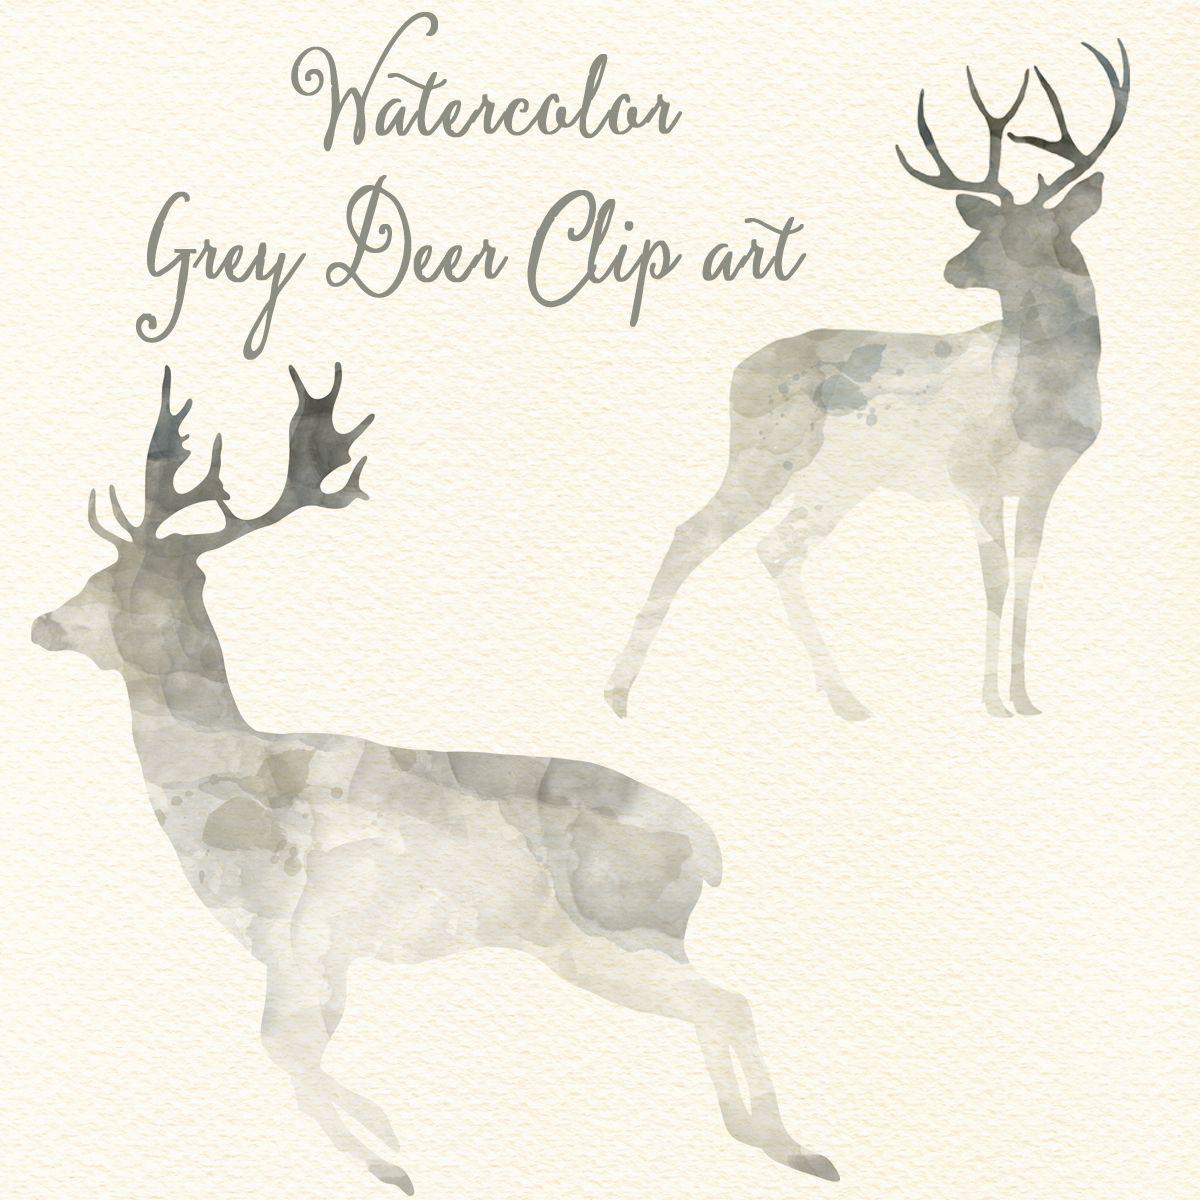 350 Grey Deer Cliparts